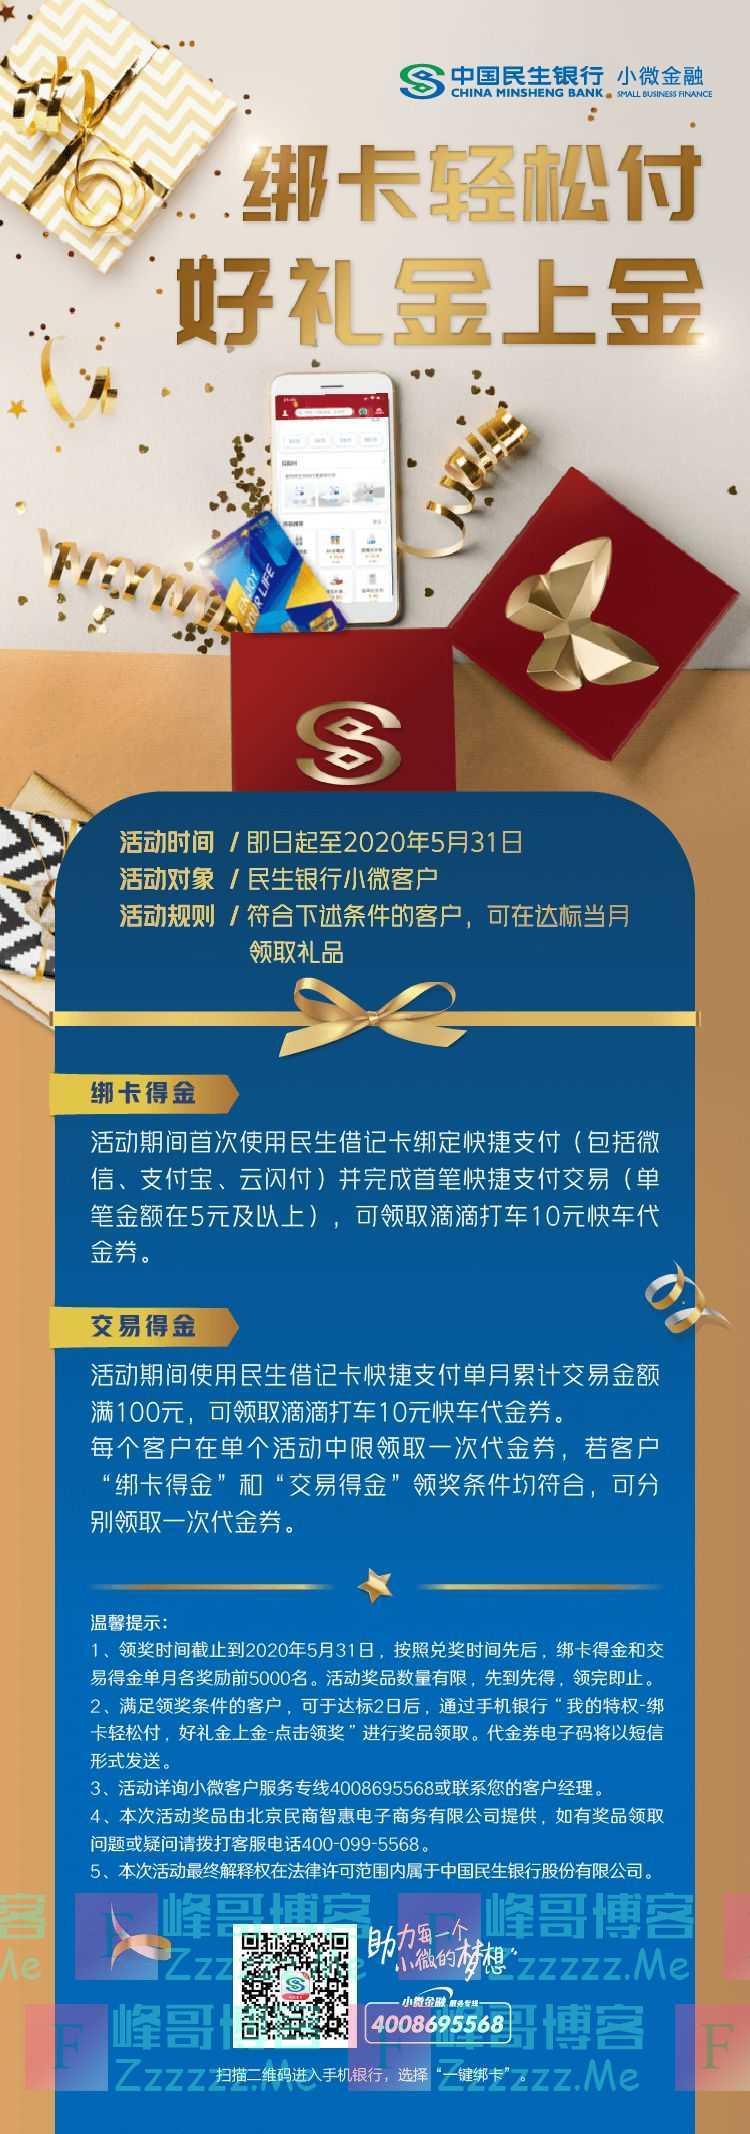 中国民生银行绑卡轻松付,好礼金上金(截止5月31日)